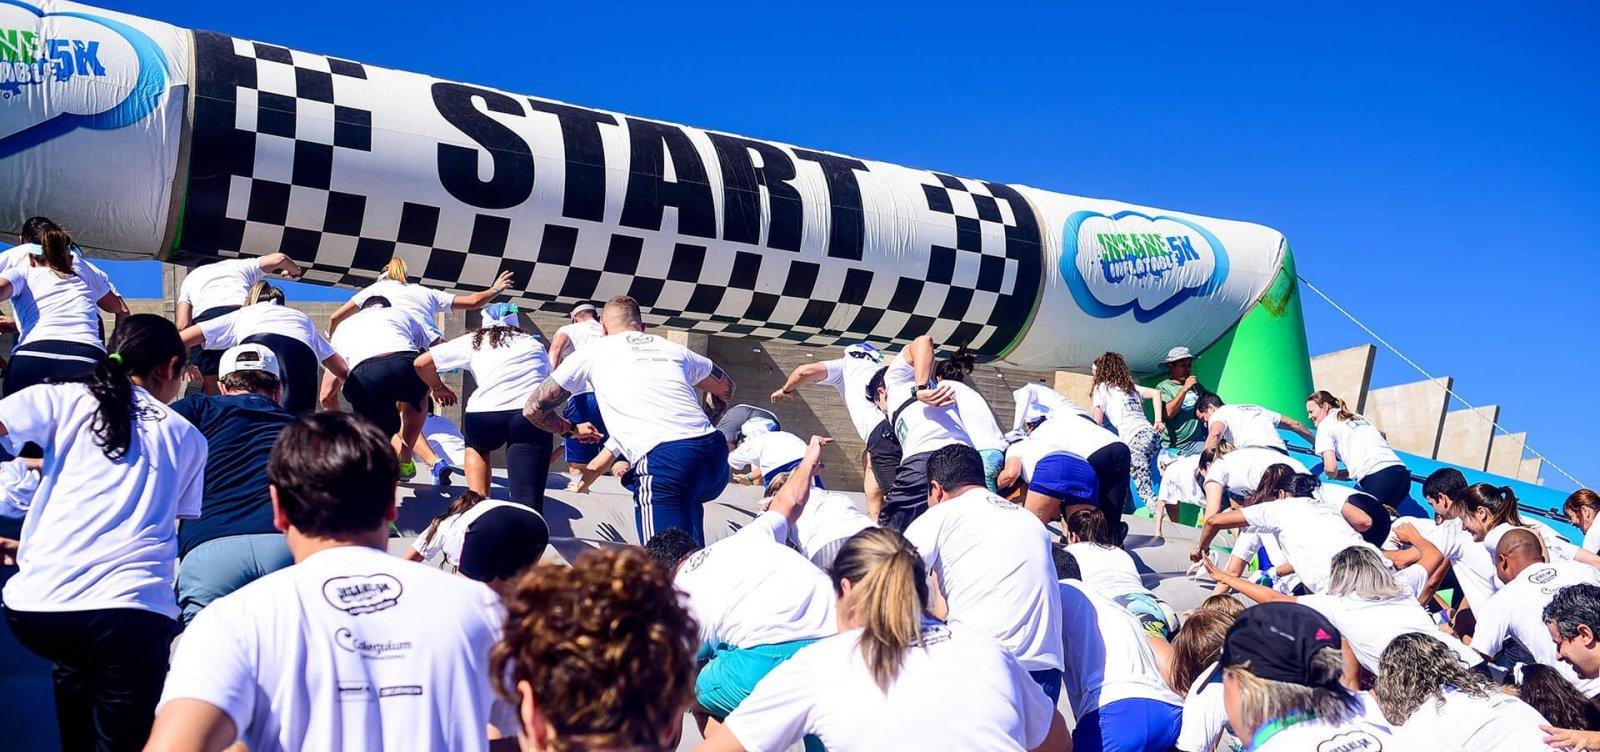 Corrida Insana anima semana da criança com obstáculos infláveis gigantes